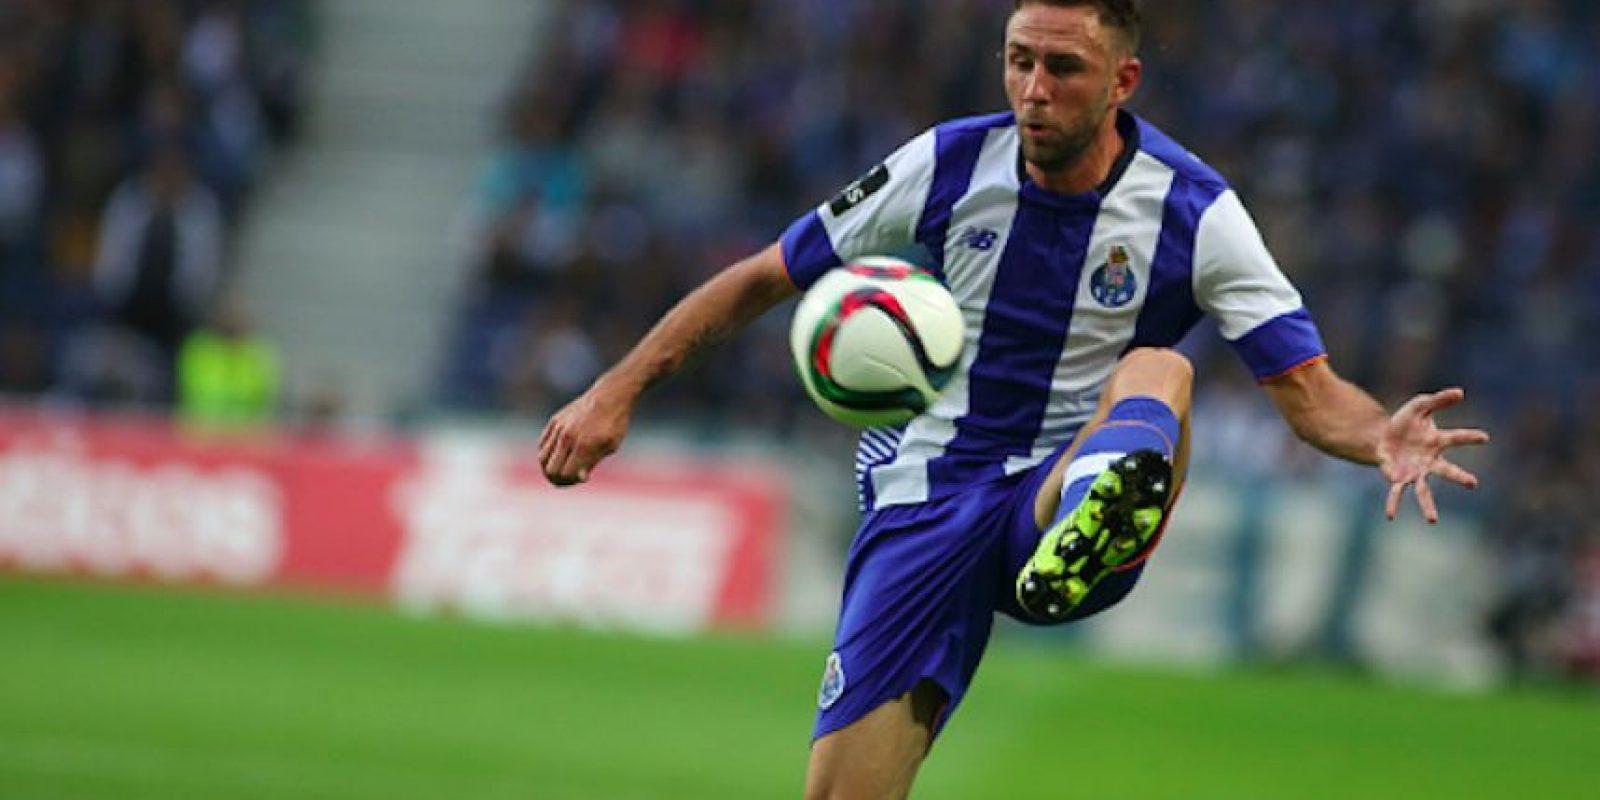 El lateral mexicano le costó 6 millones de euros al equipo portugués. Foto:Getty Images